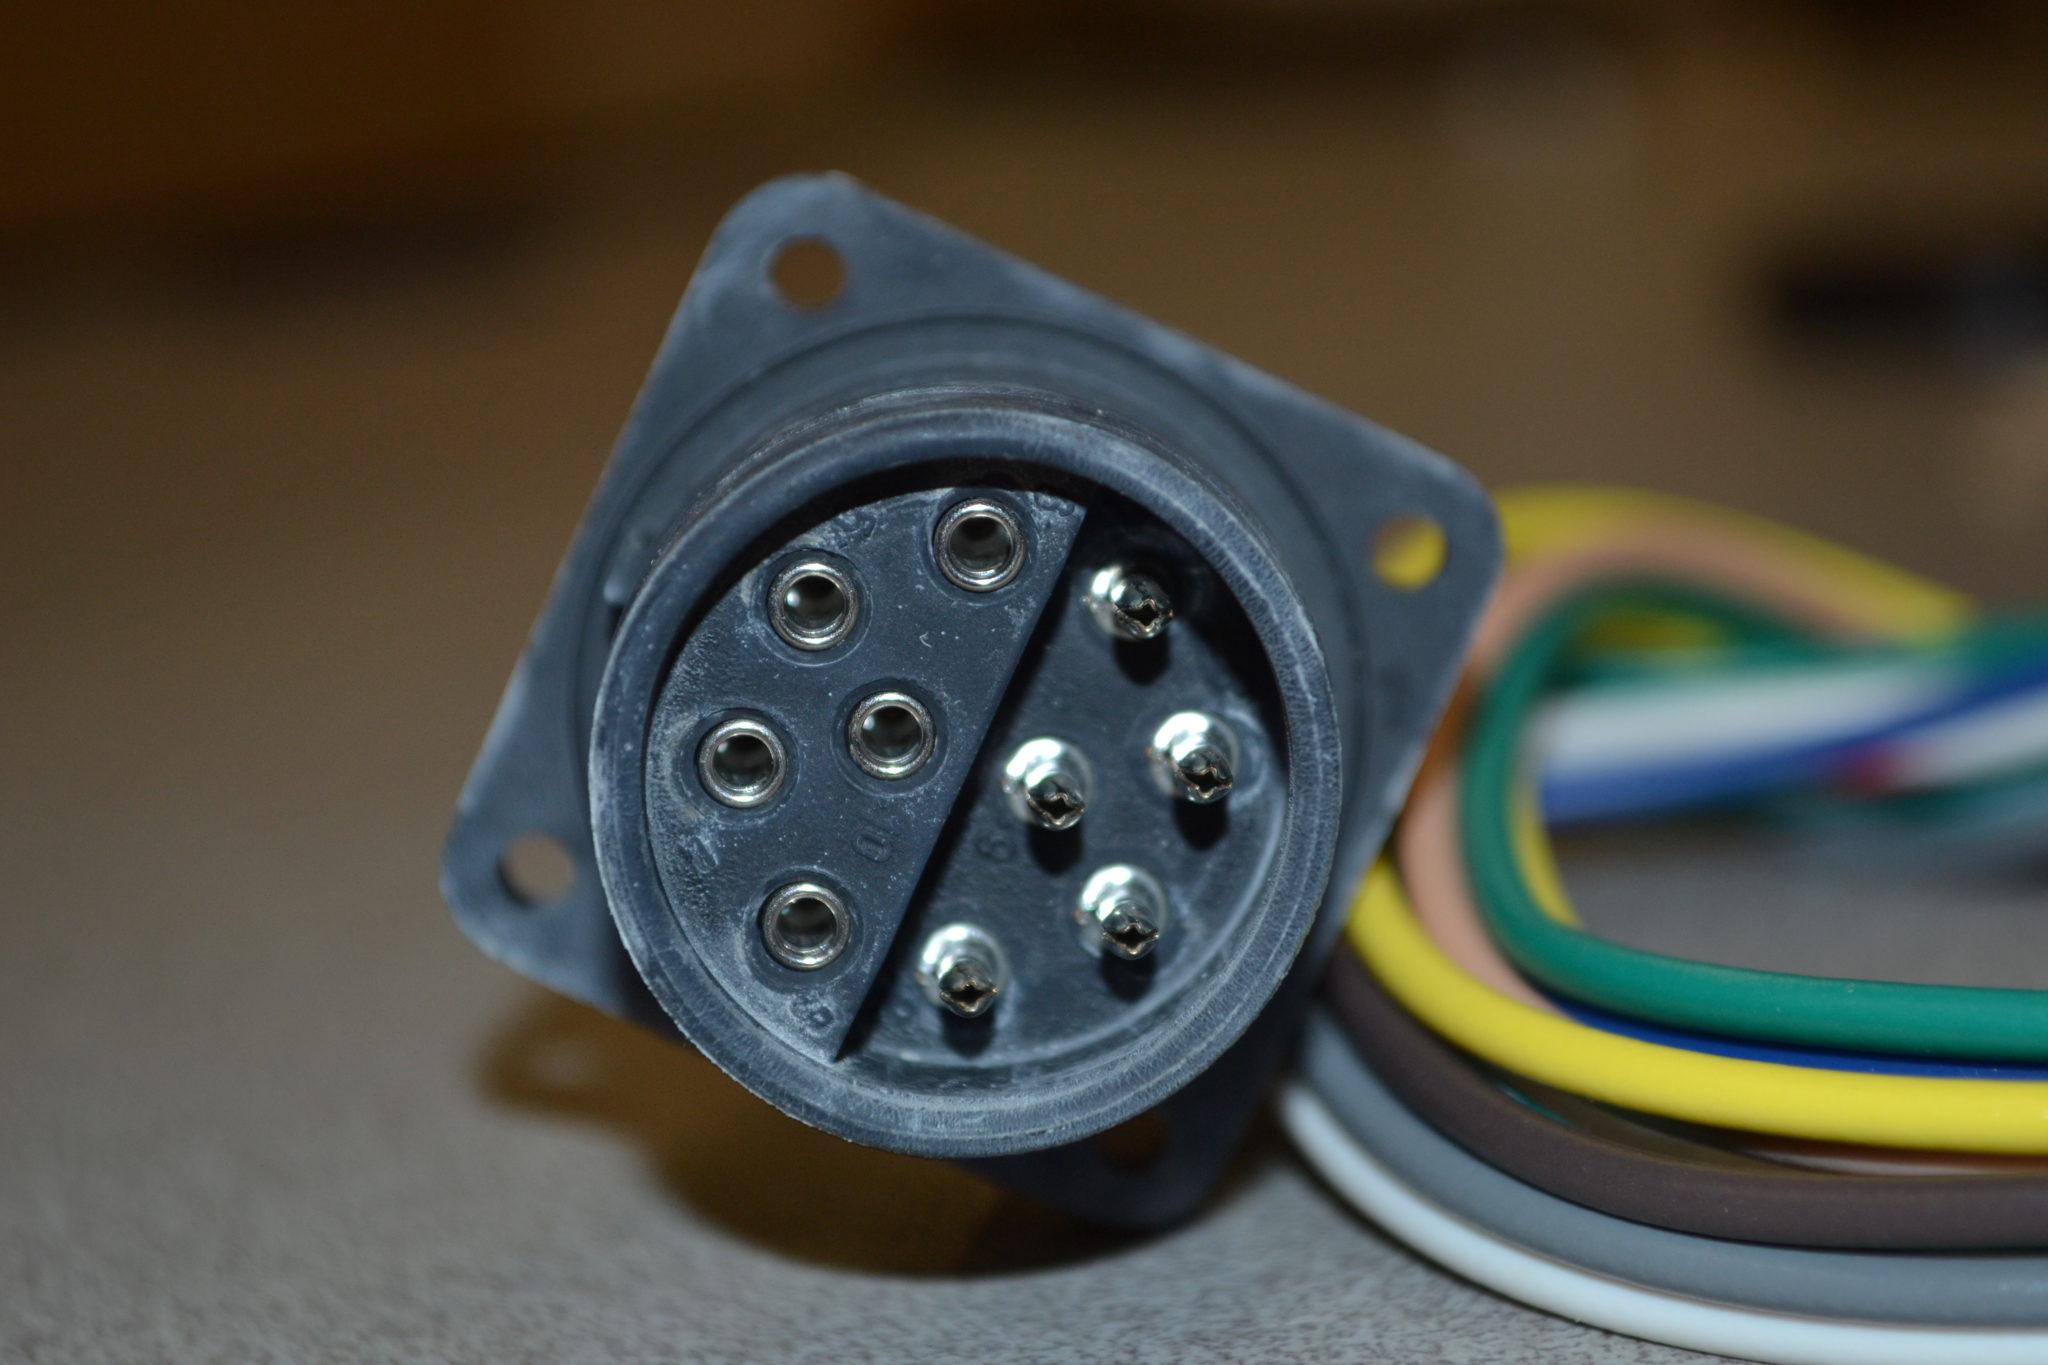 Hiniker Grill Side 10 Pin Pigtail Repair Kit